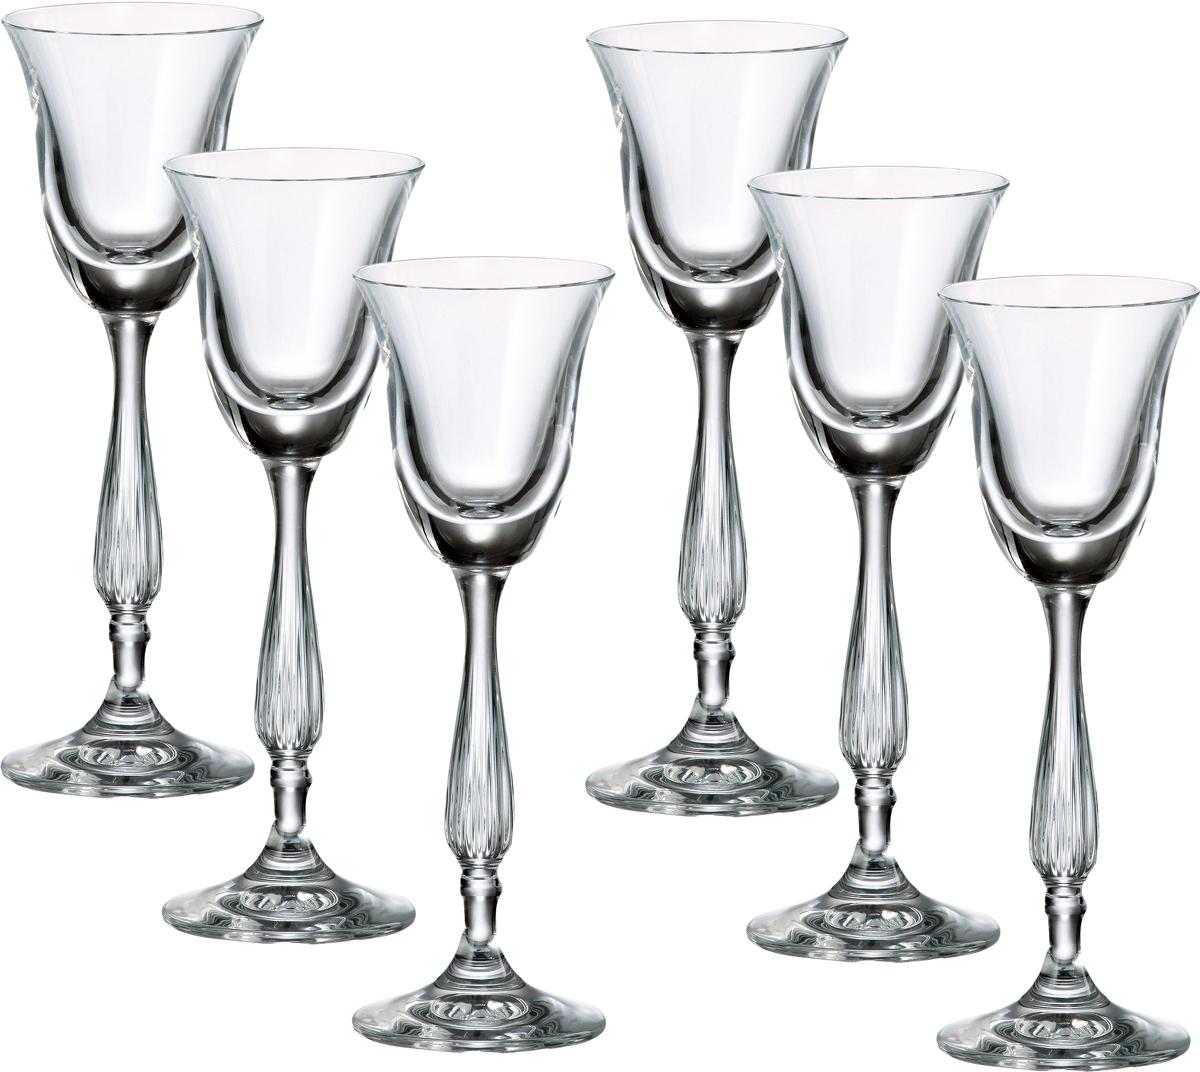 """Набор Crystalite Bohemia """"Антик"""" состоит из 6 рюмок, выполненных из богемского стекла. Удобная расклешенная чаша, красивая резная ножка рюмок не оставят равнодушными ни вас, ни ваших гостей.   Выдувное хрустальное стекло с добавлением окиси титана и дополнительный обжиг края придают изделиям  повышенную прочность и надежность. Бокалы из богемского стекла - это высокое качество, неповторимый бриллиантовый блеск, легкость и  прозрачность, естественный плавный силуэт. Богемское стекло - это дутое стекло, которое изготовляется в Чехии с незапамятных времен. Свое название это  стекло унаследовало от названия местности Богемия, в котором много лет назад проживали кельтские племена.  В Средние века монах Теофил придумал новую методику изготовления богемского стекла при помощи  добавления в состав буковой золы и кремниевого песка. В XV - XVI веках появляется цветное богемское стекло.  Стеклодувы получали различные оттенки материала путем добавления в состав различных минералов: фосфор,  золото, марганец, оксид железа, титан и д.р. Сегодня эта чешская продукция славится за соединение  многовековых традиций и новейших веяний в области дизайна. Богемское стекло и хрусталь всегда в моде."""